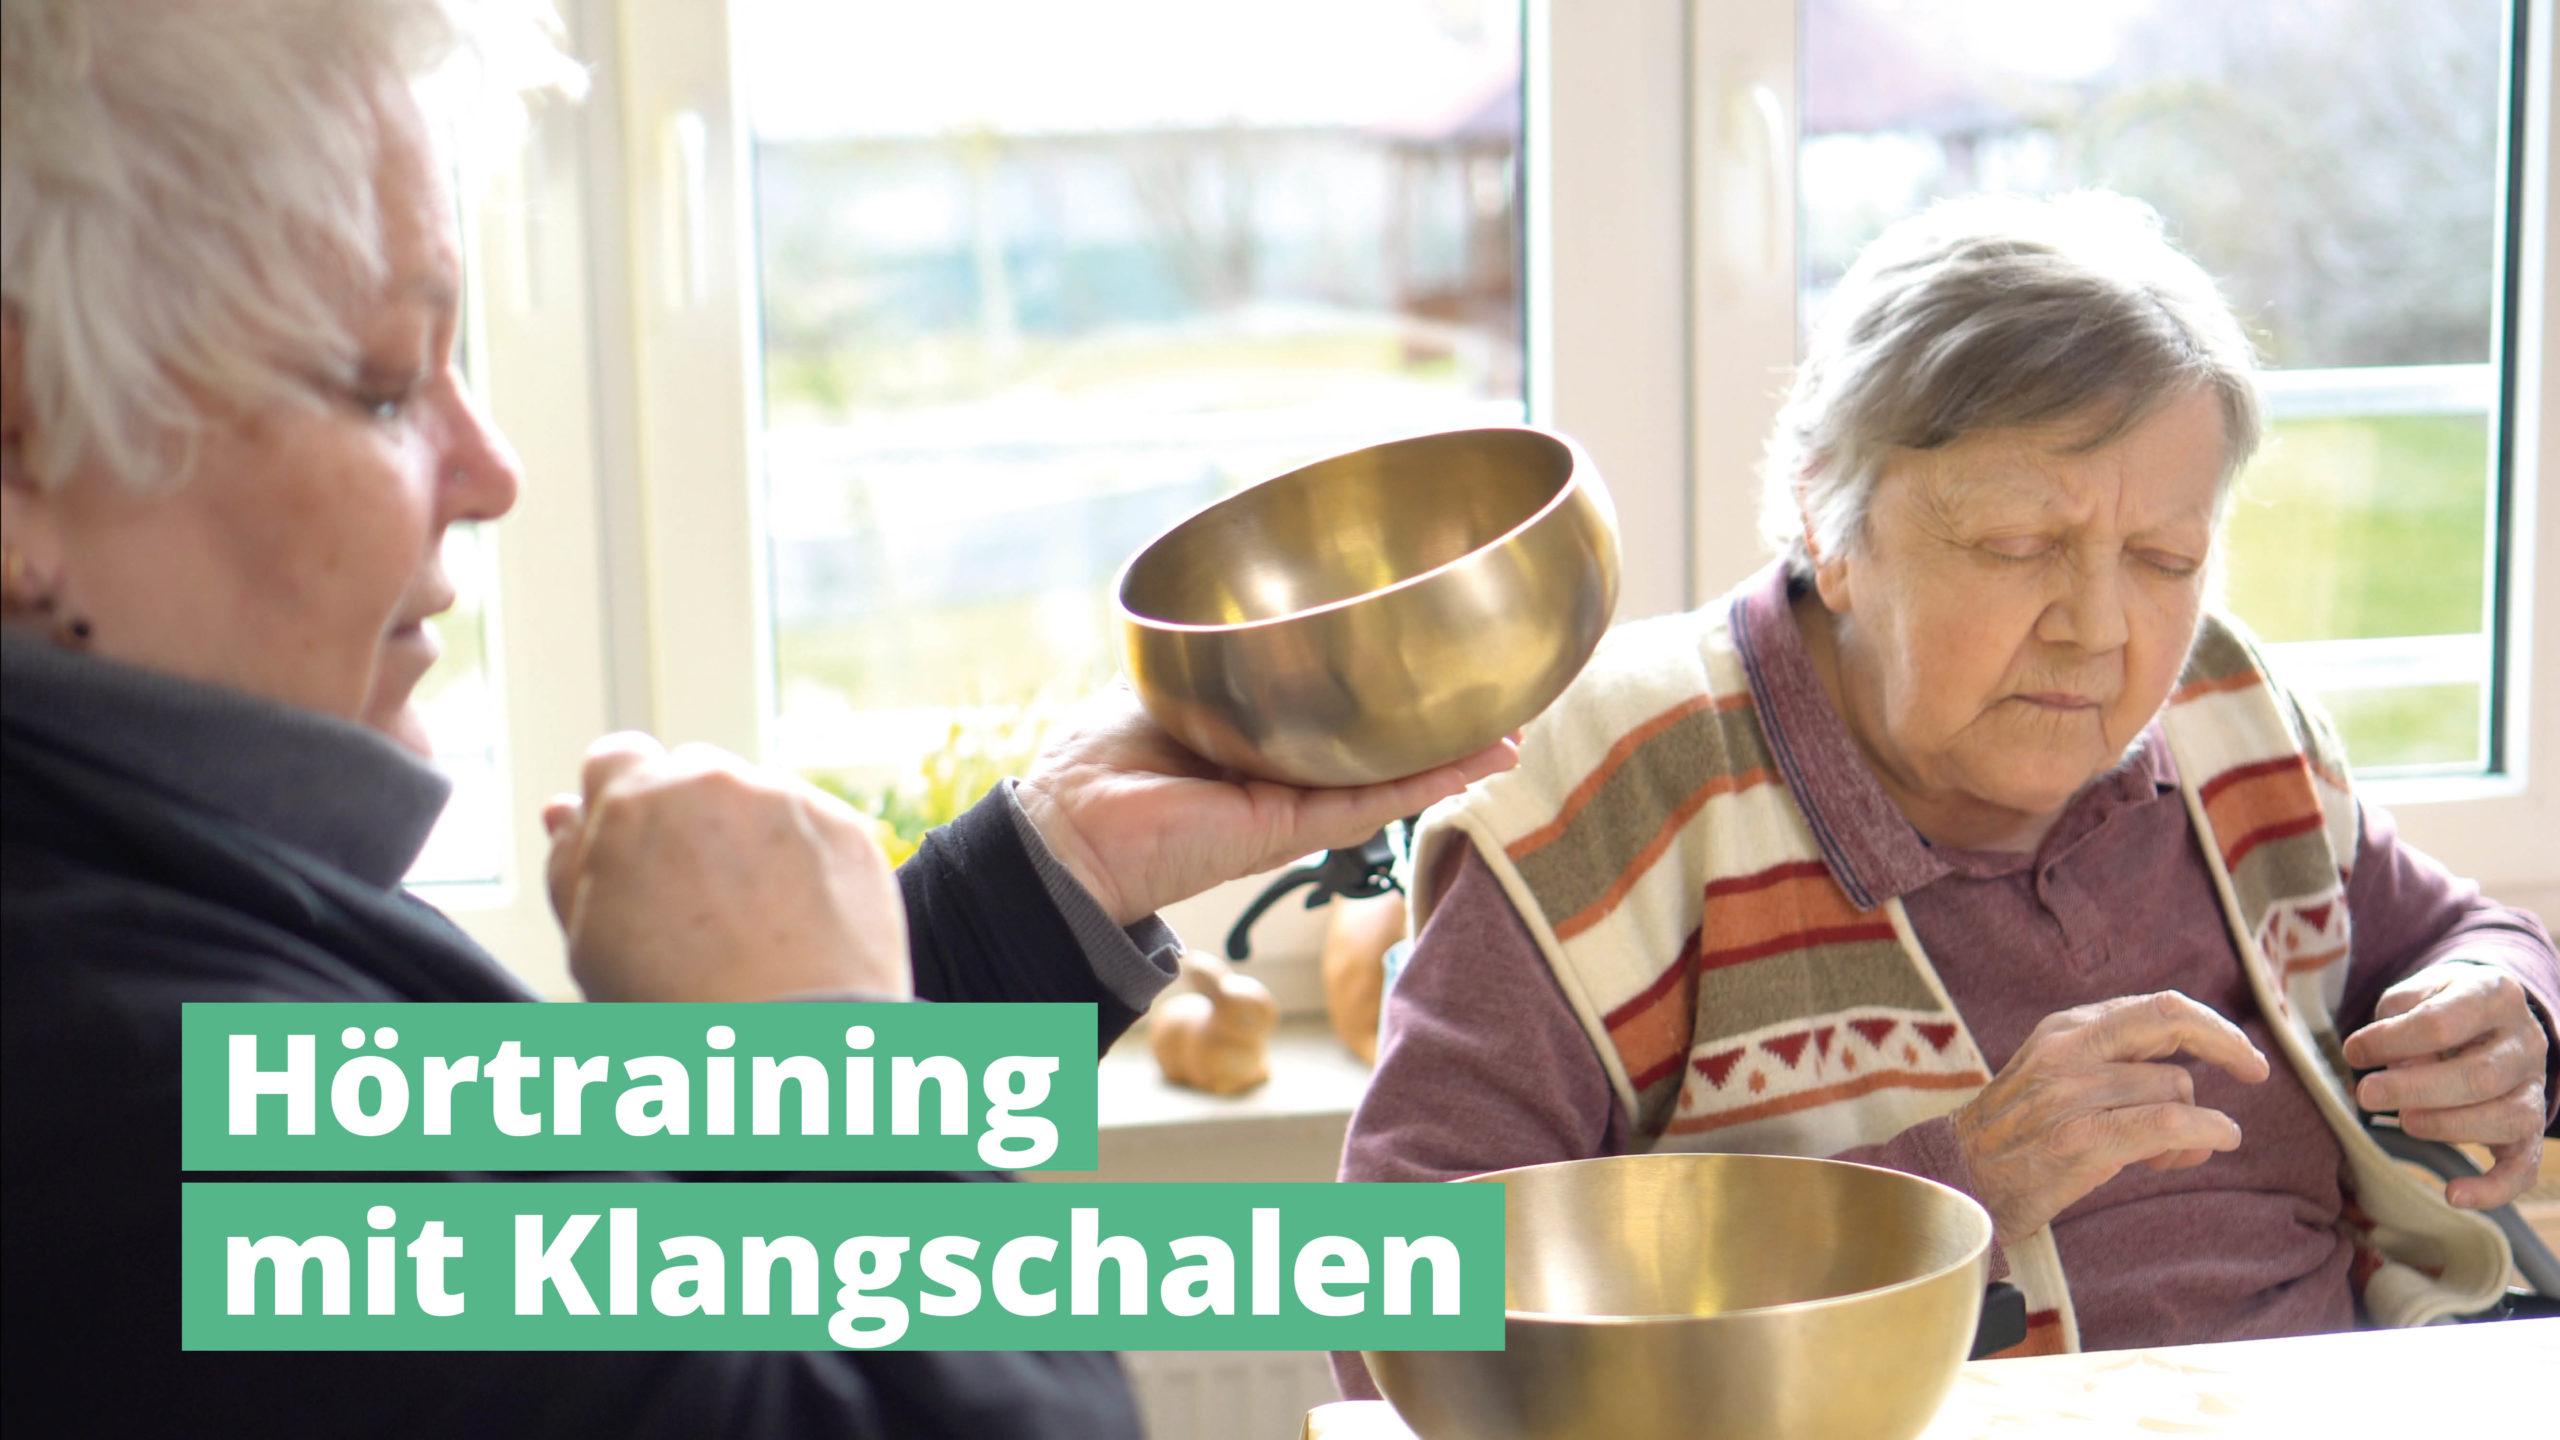 Hörtraining mit PeterHess Klangschalen Wir Sind Altenpflege